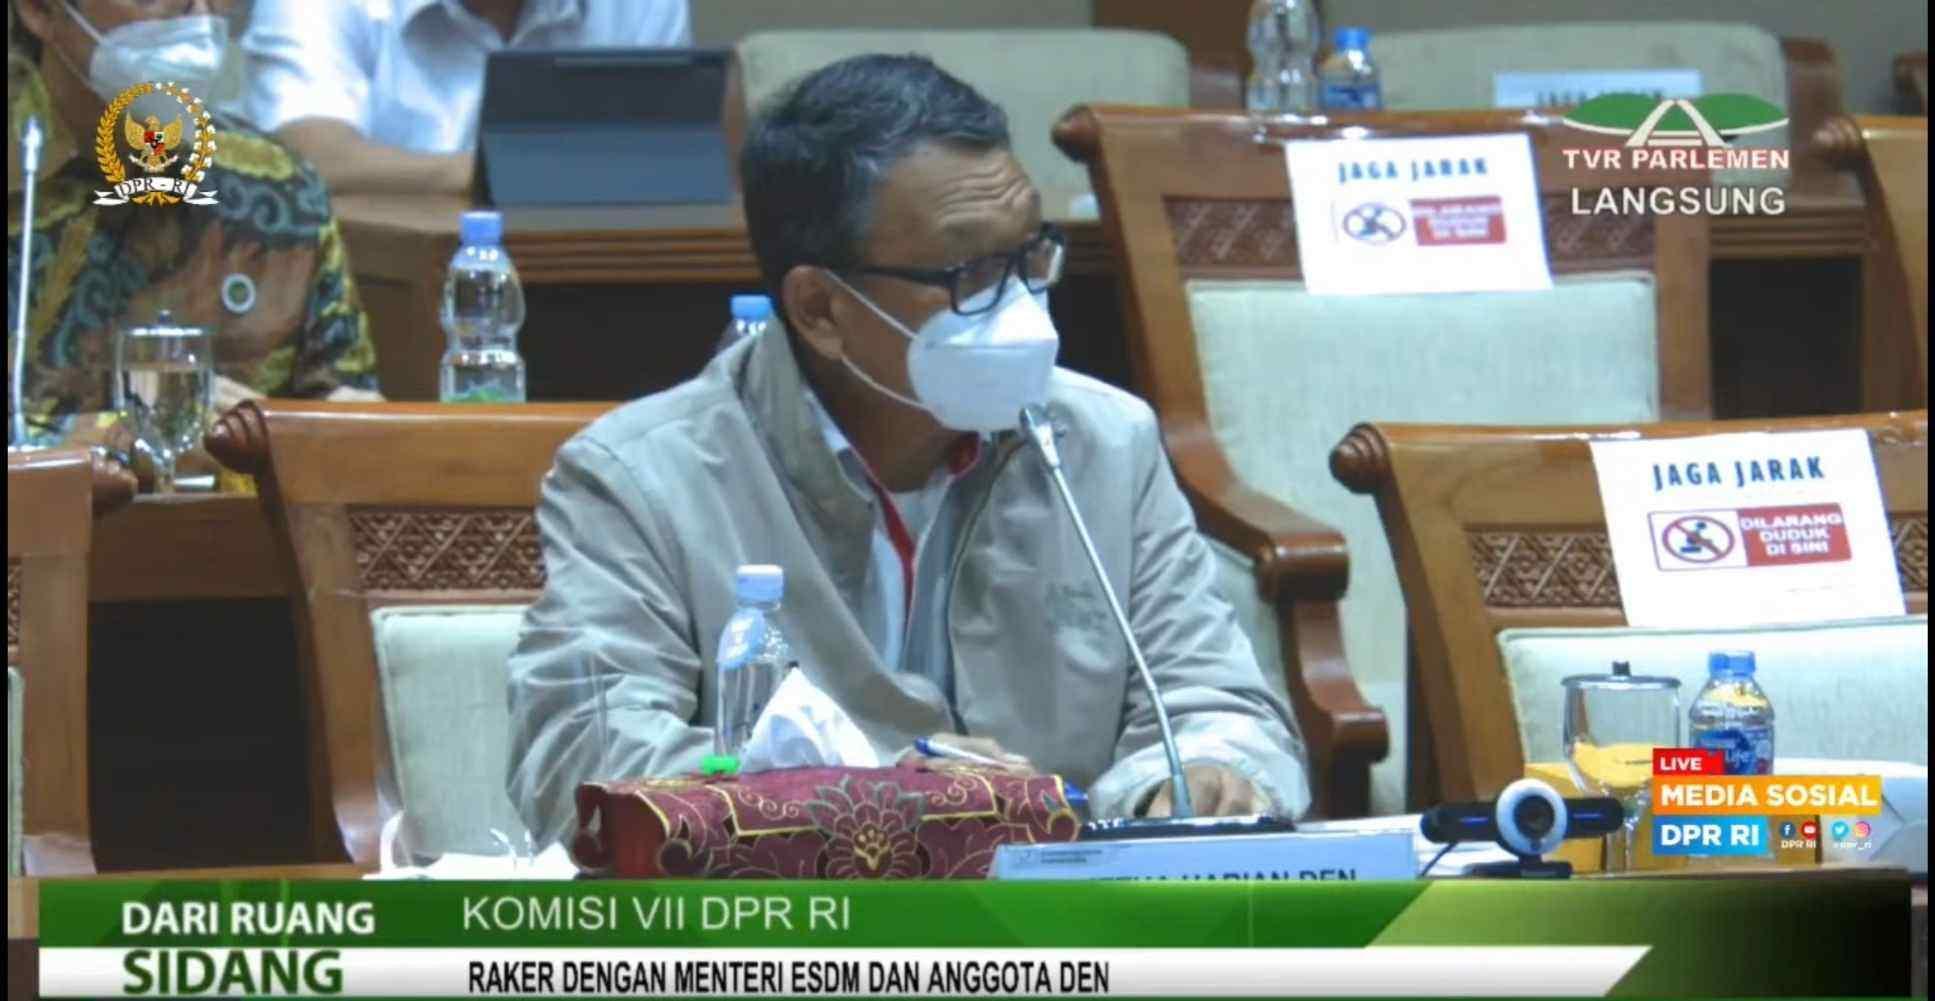 Menteri ESDM